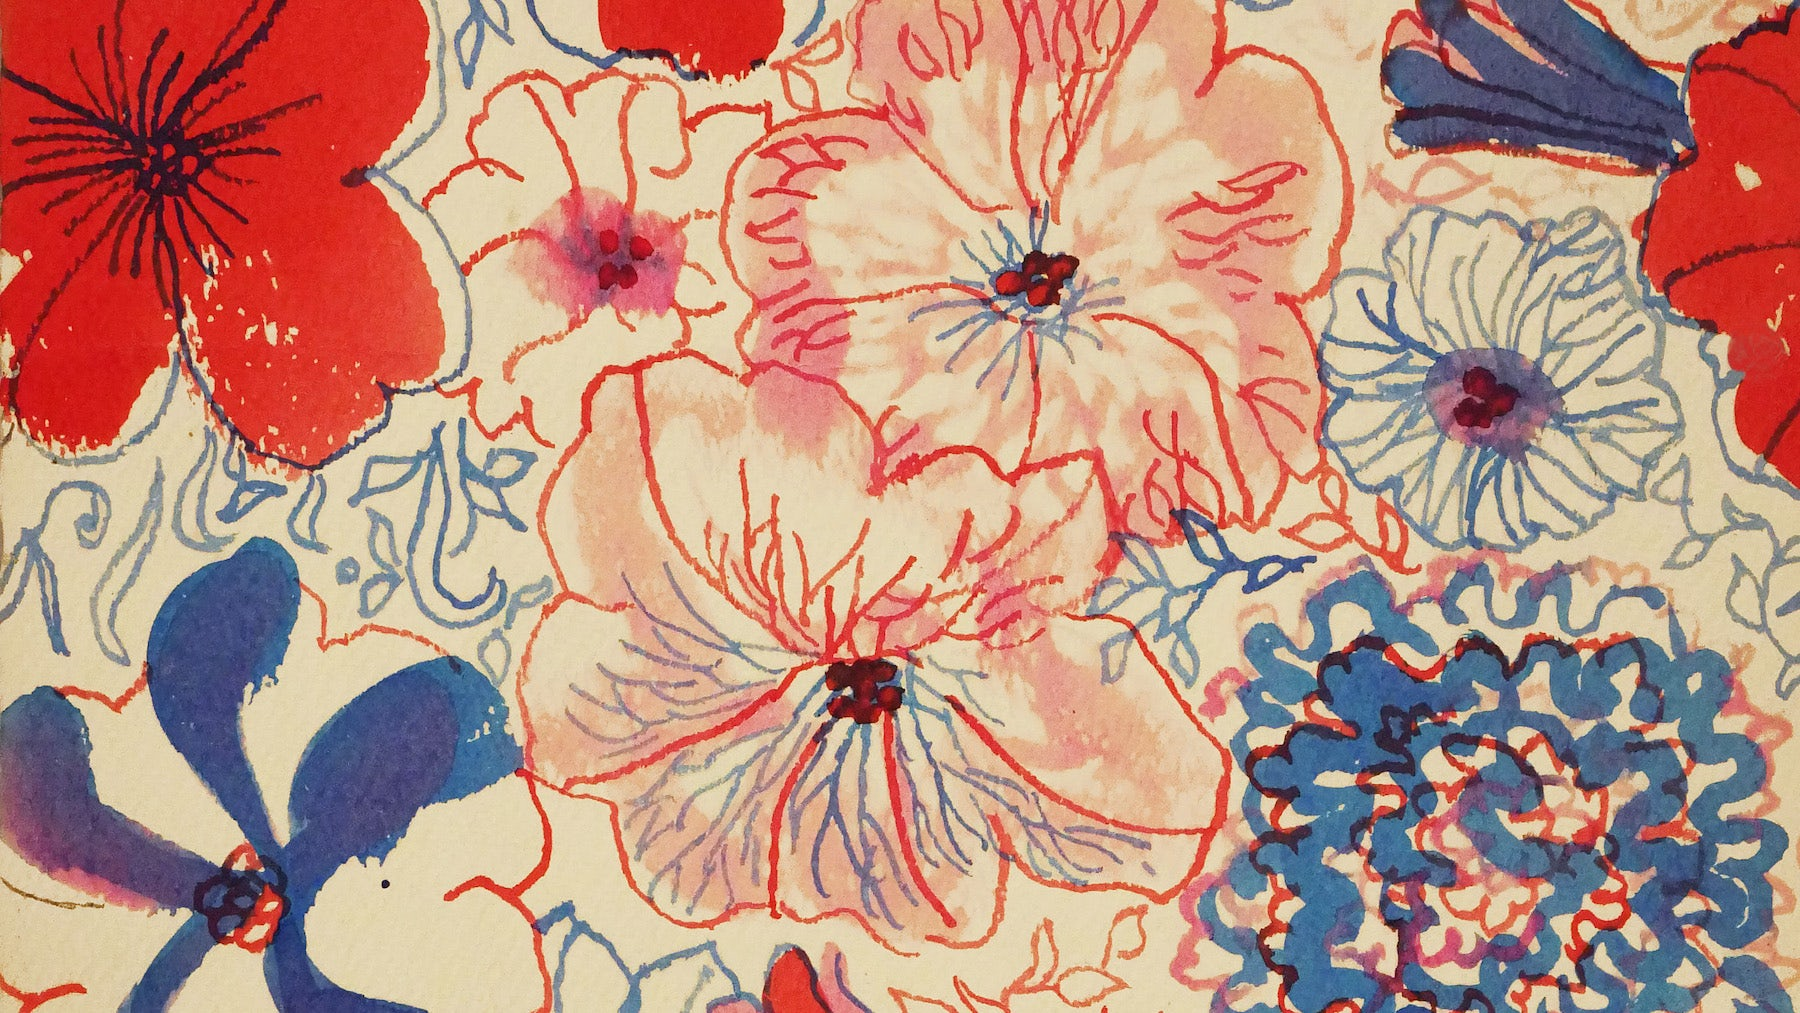 Ponchita's Petunias © 1967, Suzie Zuzek (1920-2011) | Source: Courtesy